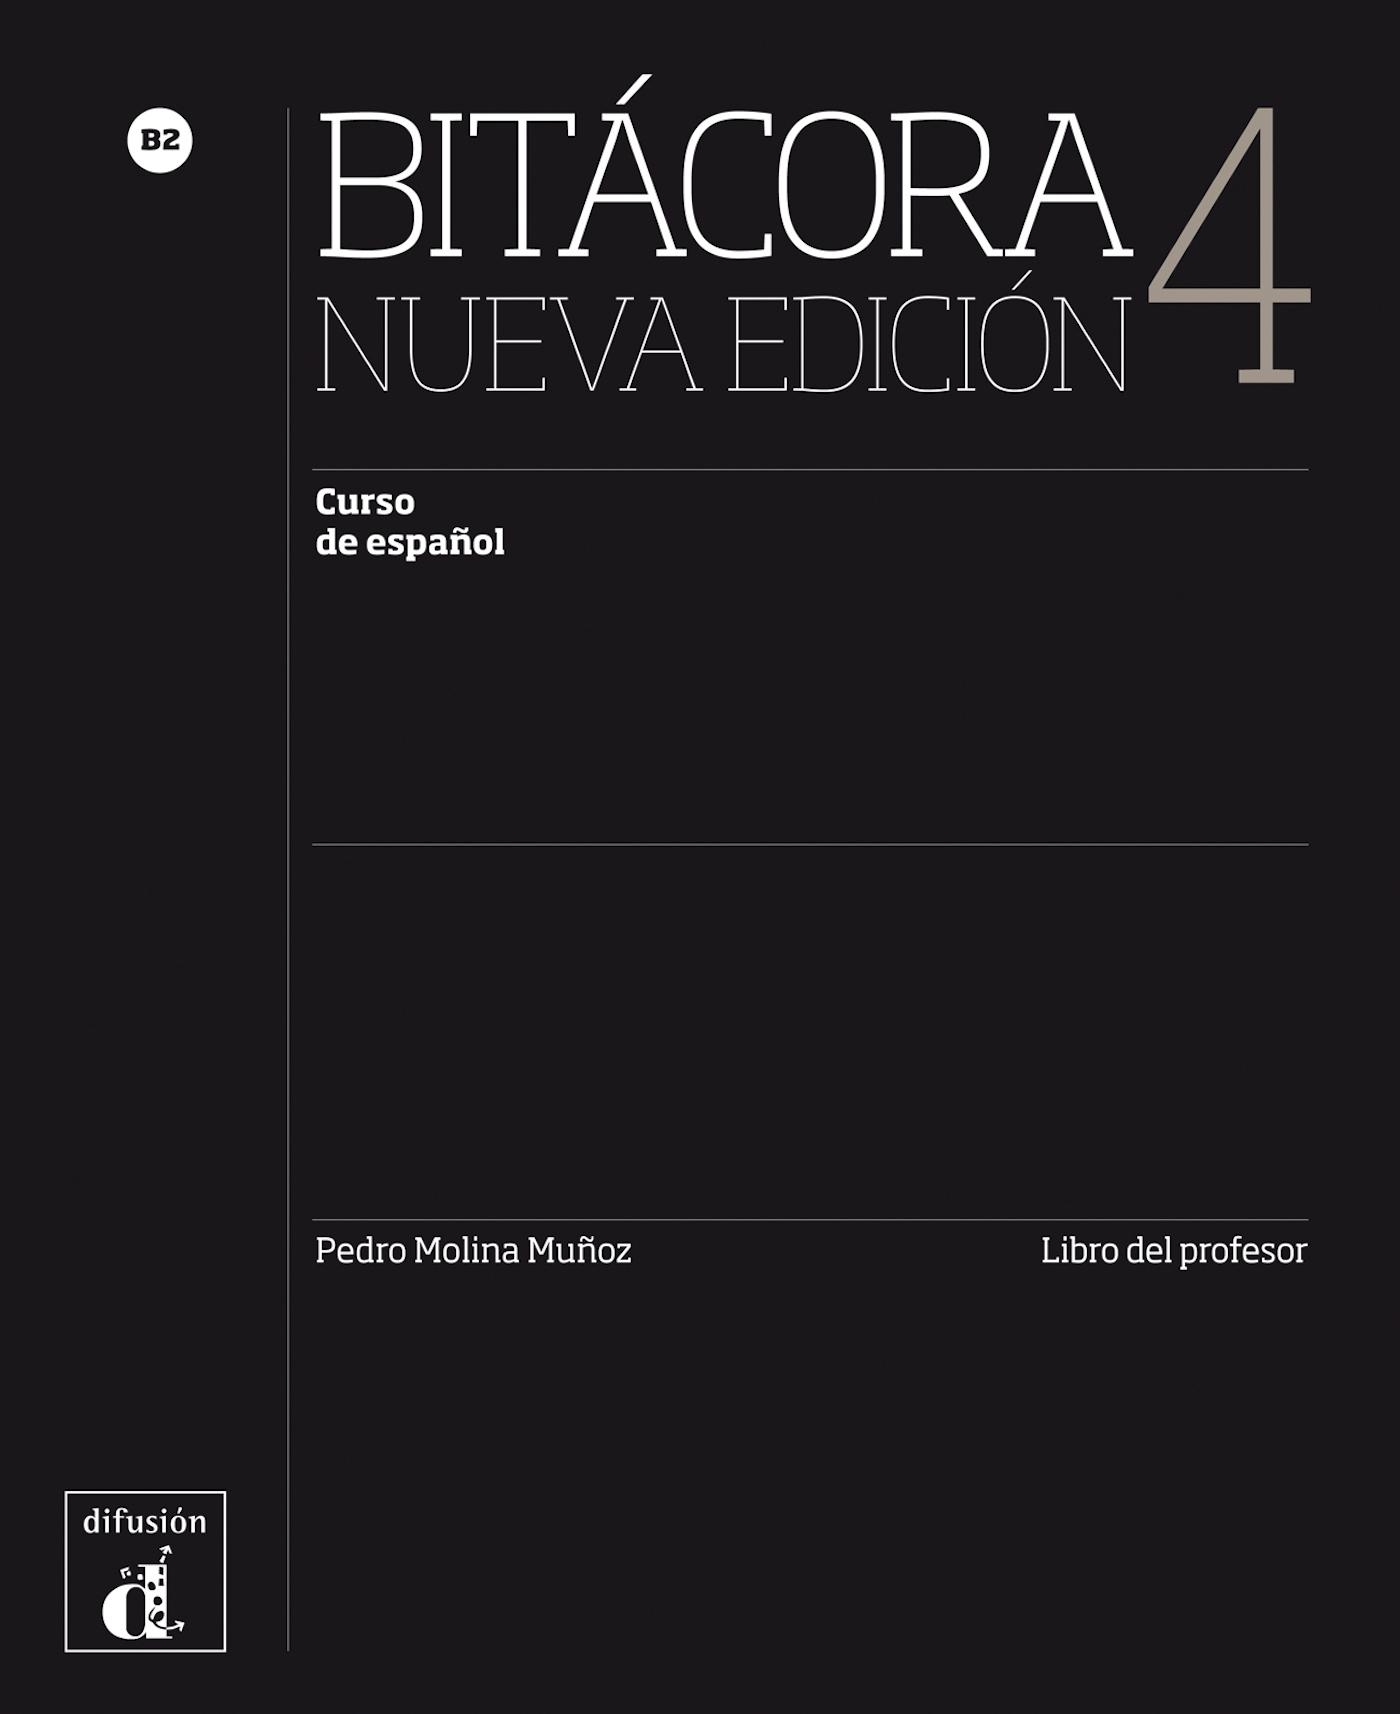 BITACORA 4 NUEVA EDICION - LIVRE DU PROFESSEUR (PAPIER)